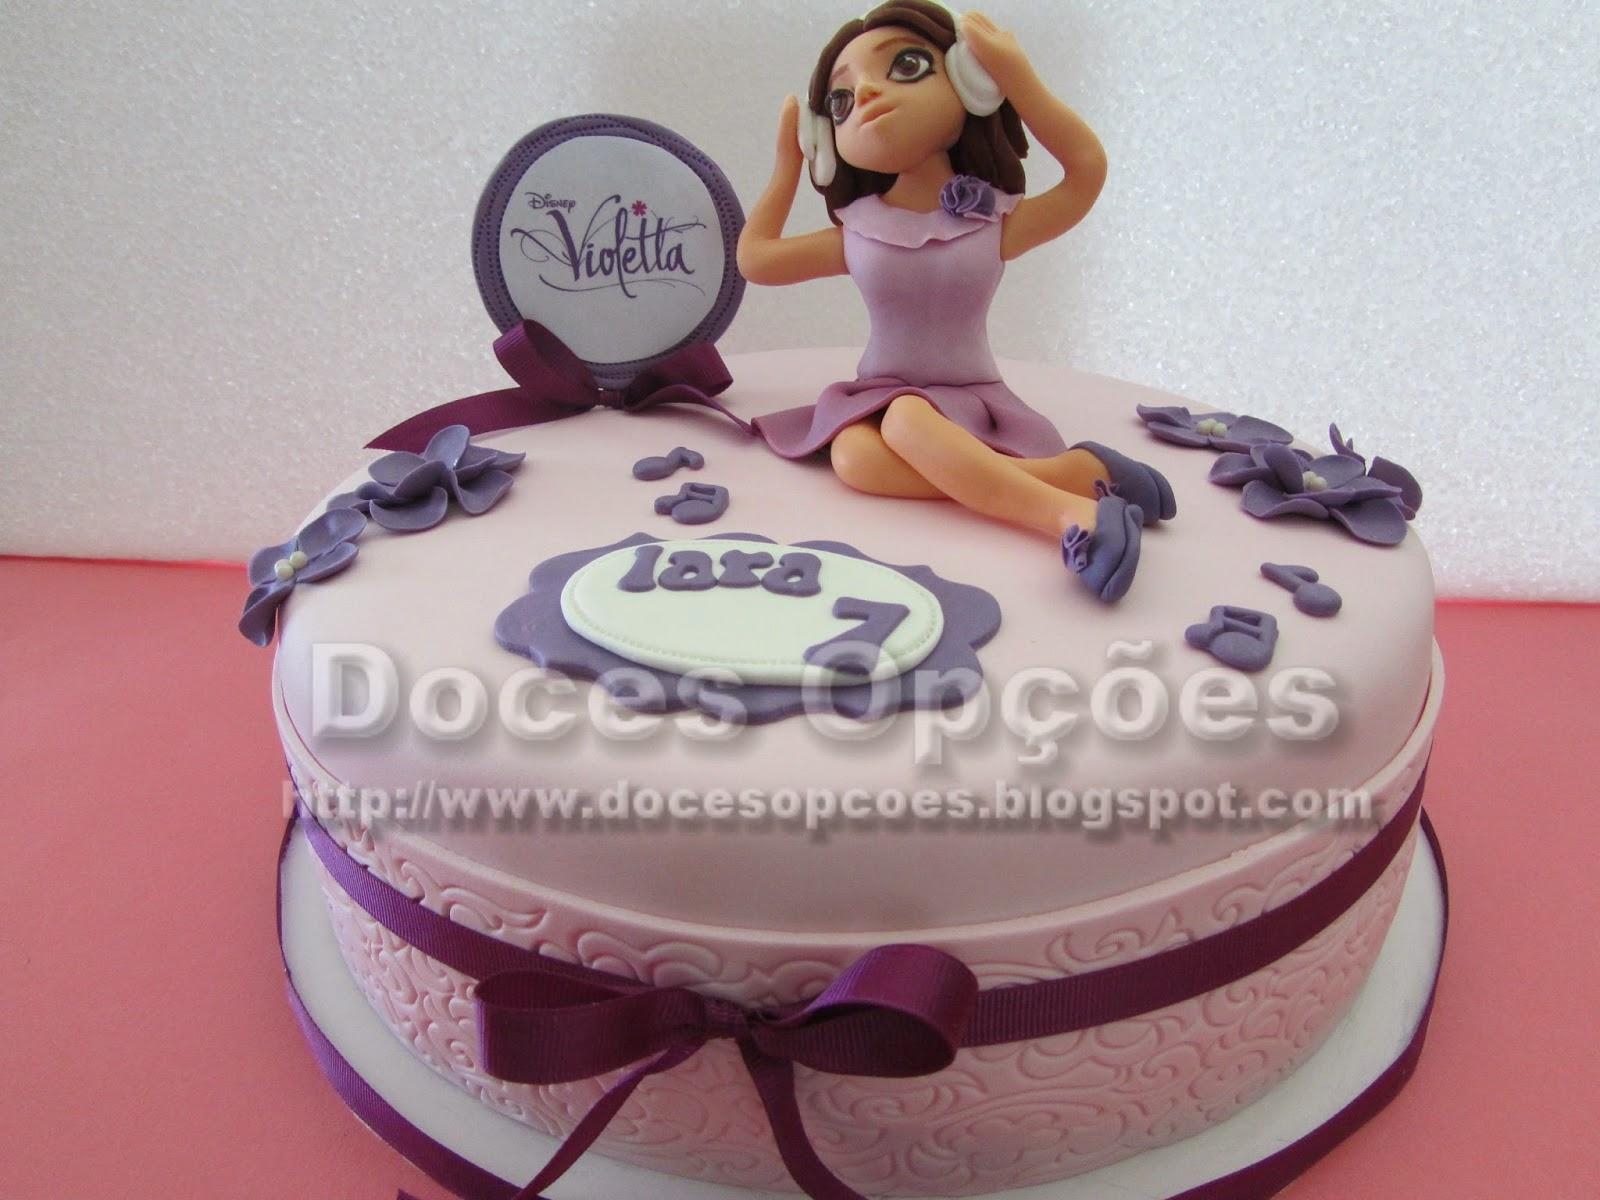 Bolo de aniversário com a Violetta da Disney